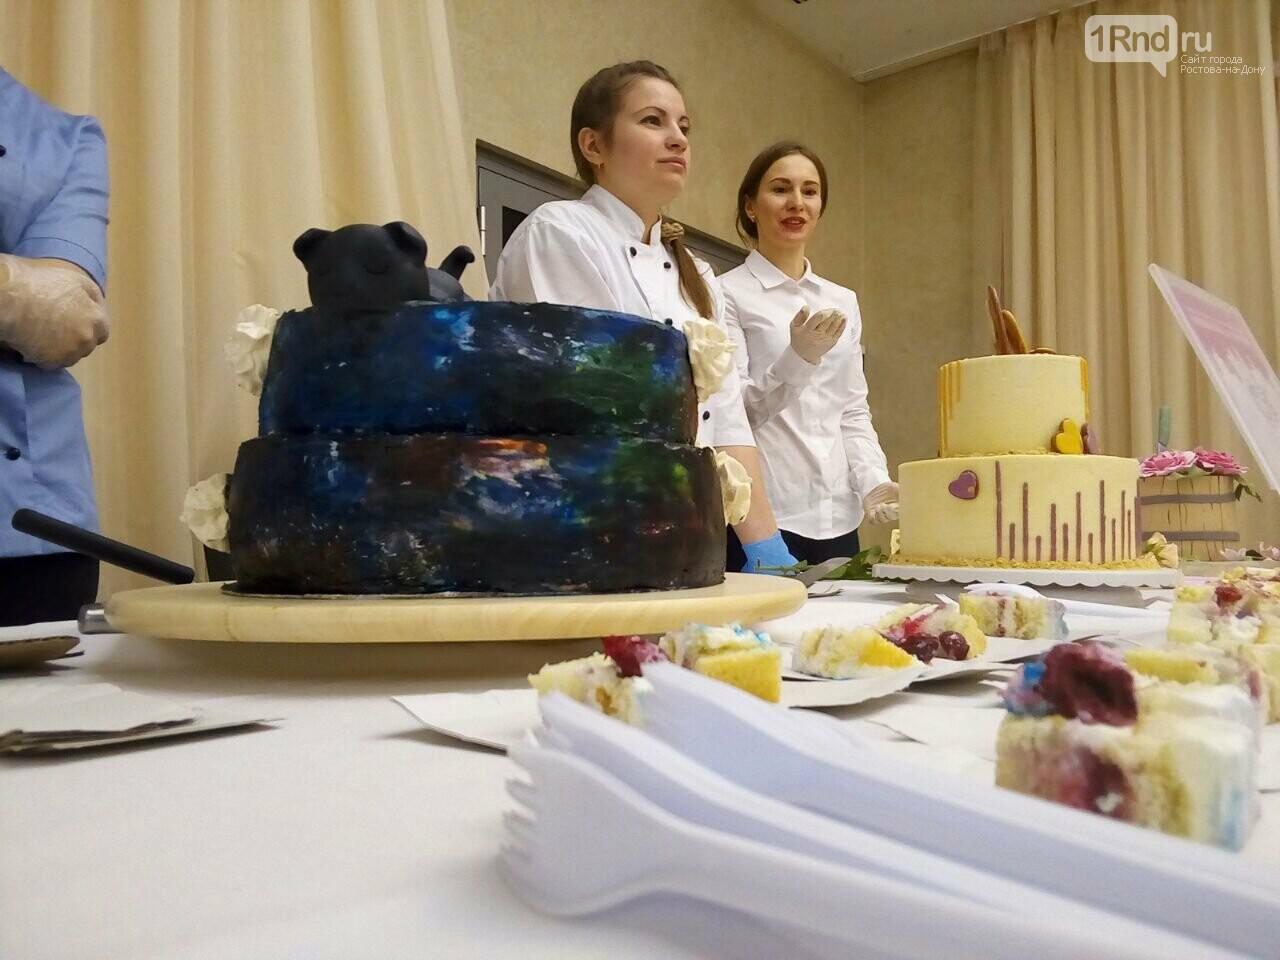 В Ростове проходит международный кондитерский конкурс International pastry cup, фото-2